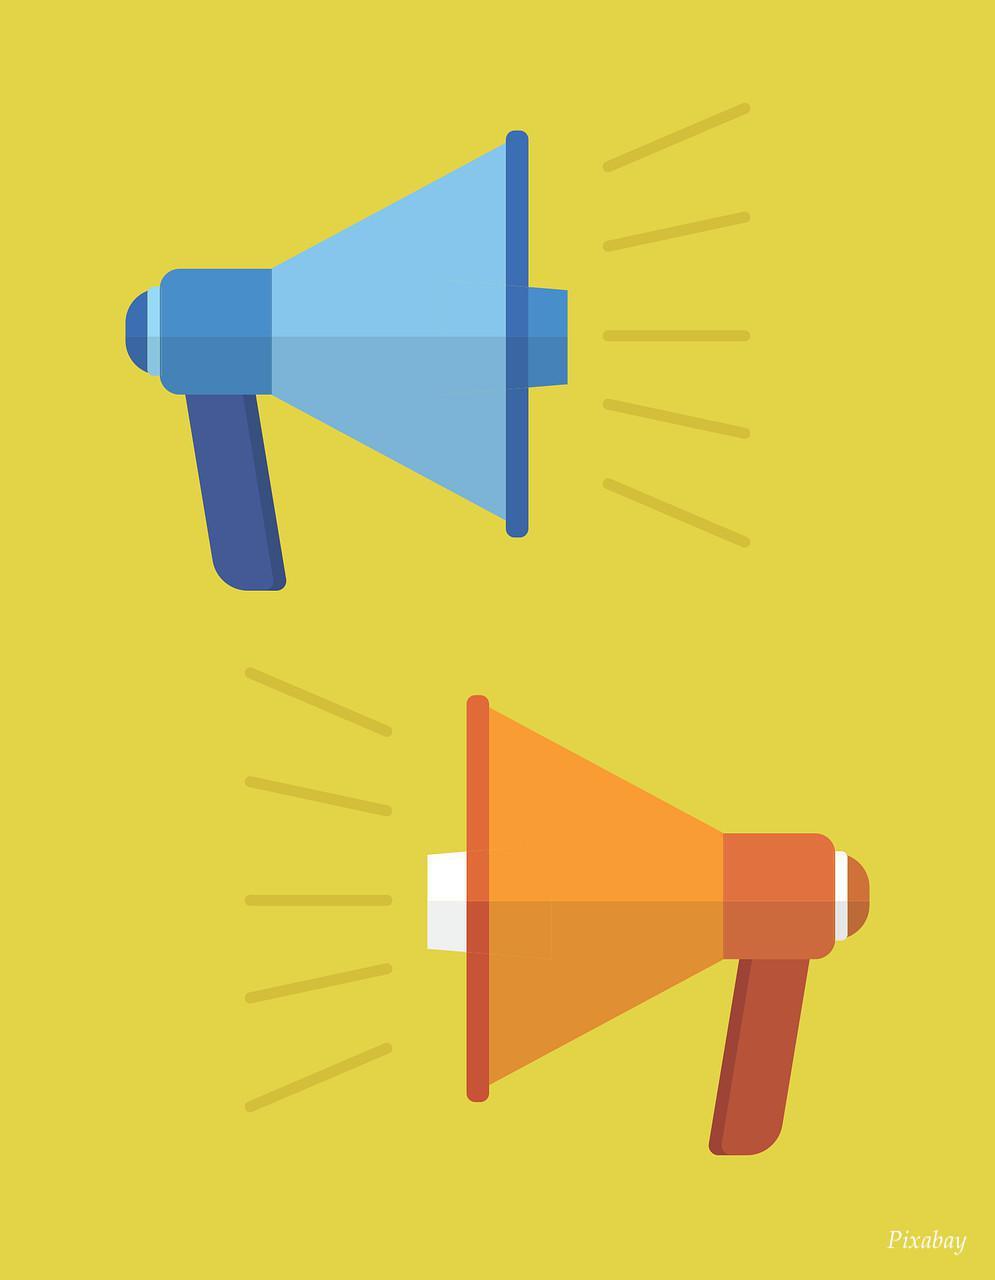 Après les intentions officieuses, FO exige plus que des annonces, des mesures concrètes sur l'extension du CTI pour les secteurs médico-social et social du public et du privé